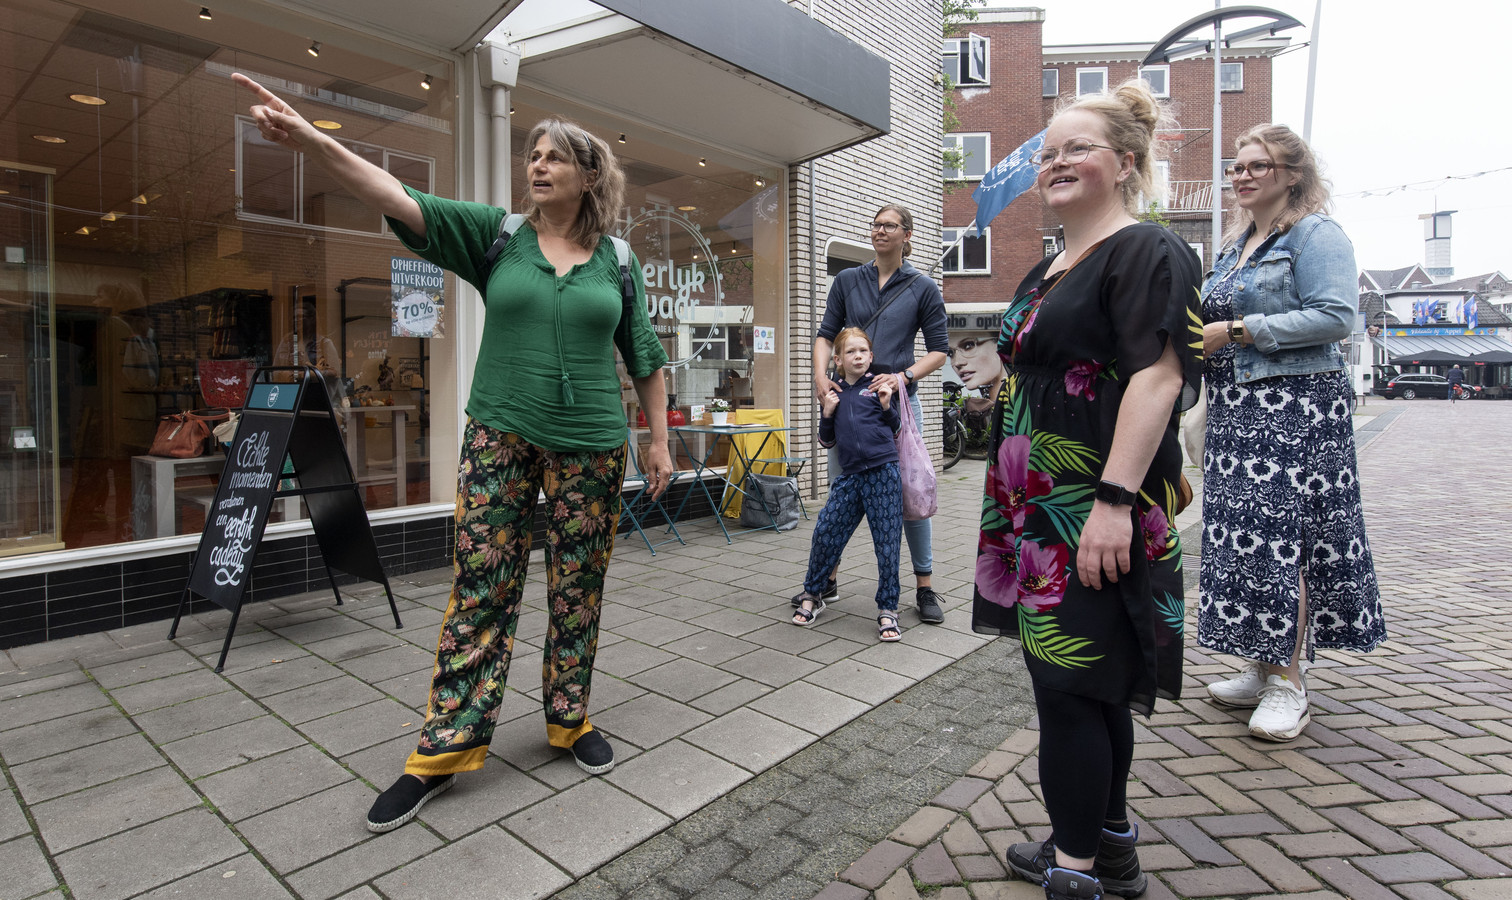 De Zero Waste Tour door binnenstad begint bij de winkel Eerlijk Waar.  Agnes Booijink (links) wijst Sefanja met dochter Lisa, Marlijn en Thari de weg.